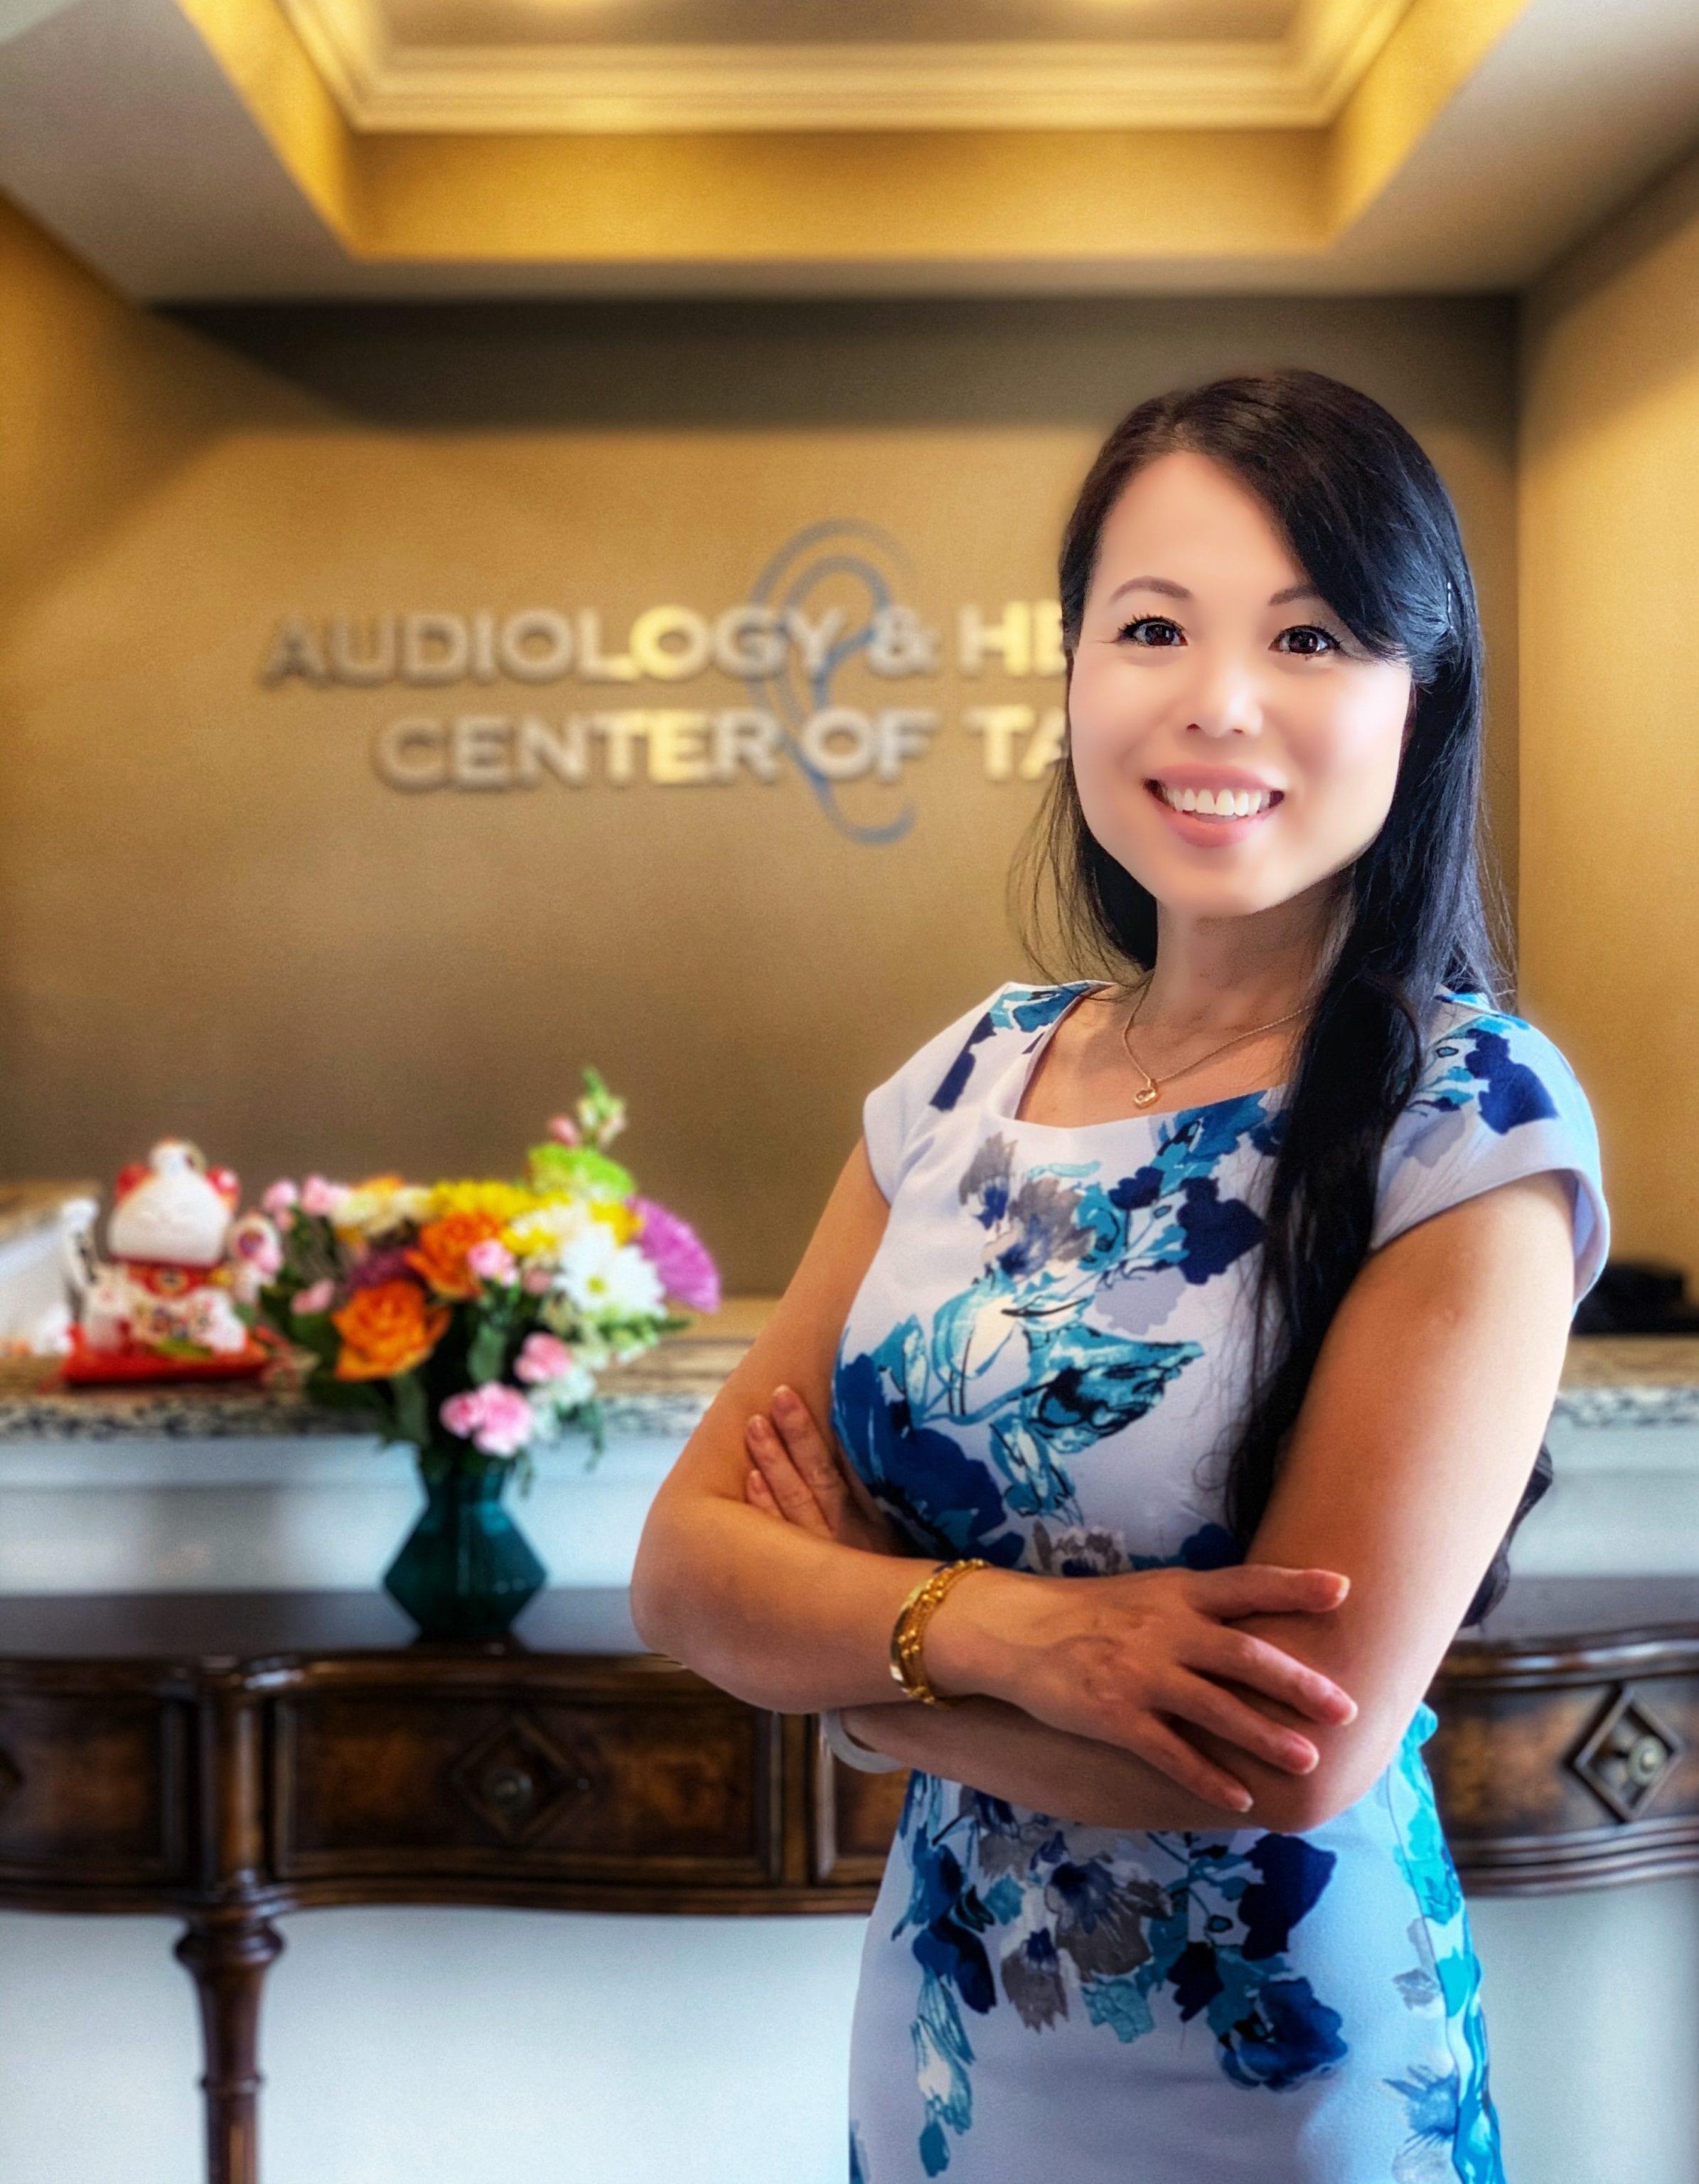 Nancy Wong, Au.D. : Director/Audiologist